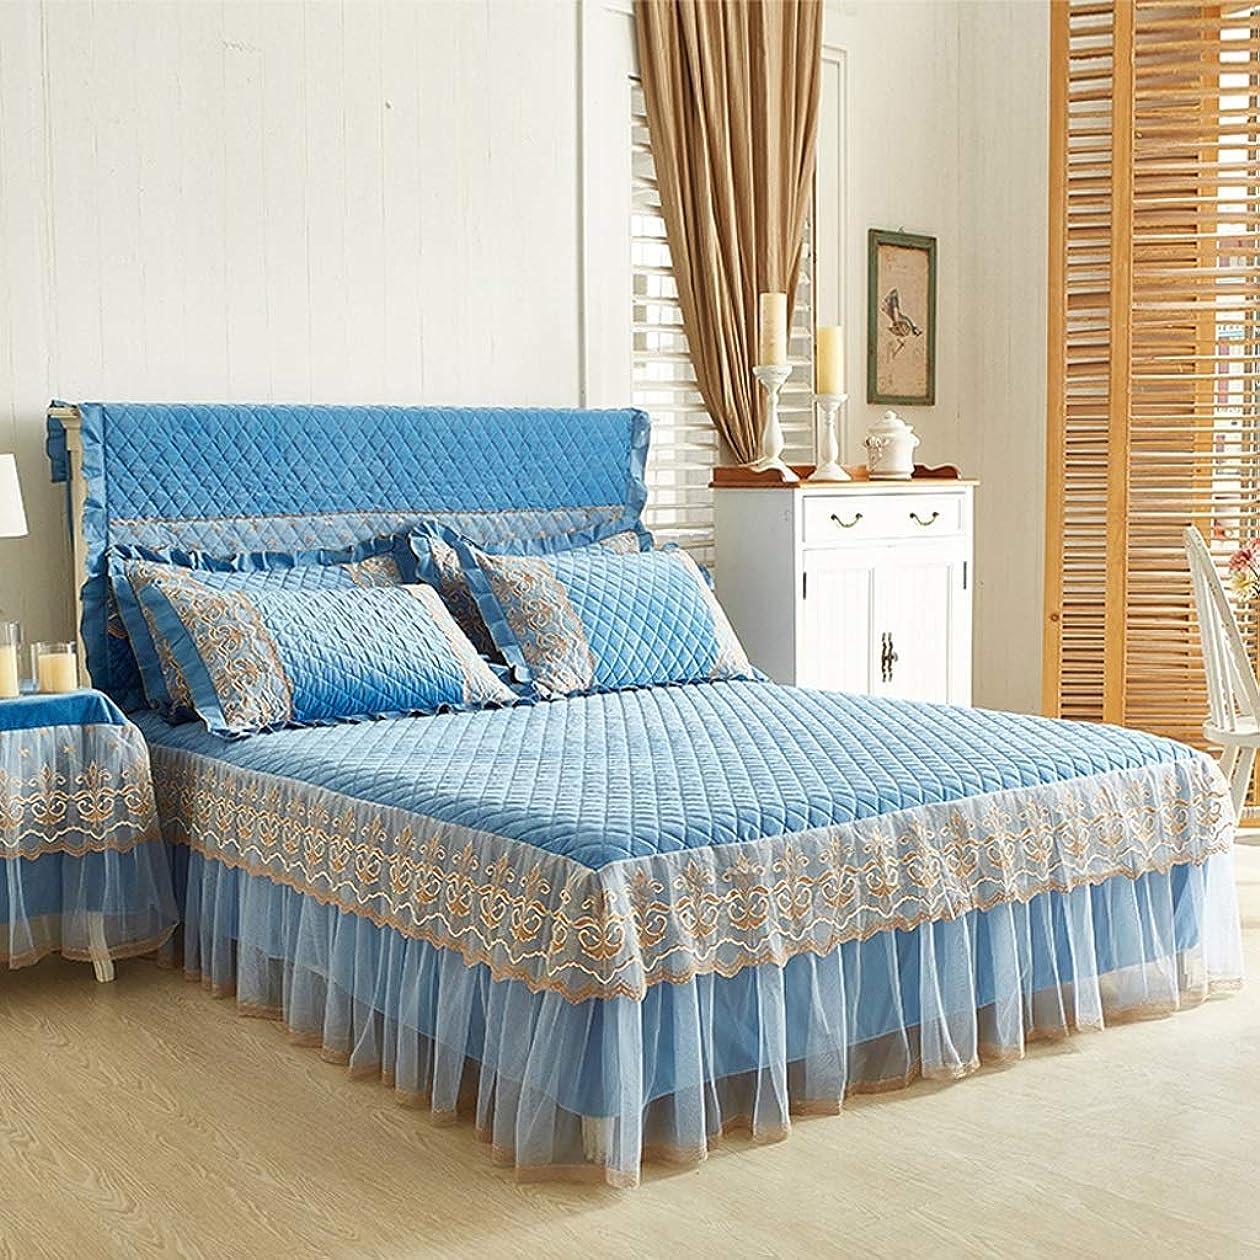 体章会う高級コットンスエードベッドスカートスーツ機洗える寝具プリーツベッドカバー弾性バンド固定滑り止め保護ケース - ほこり (色 : C blue, サイズ さいず : 180cmx220cm+pillowcases)